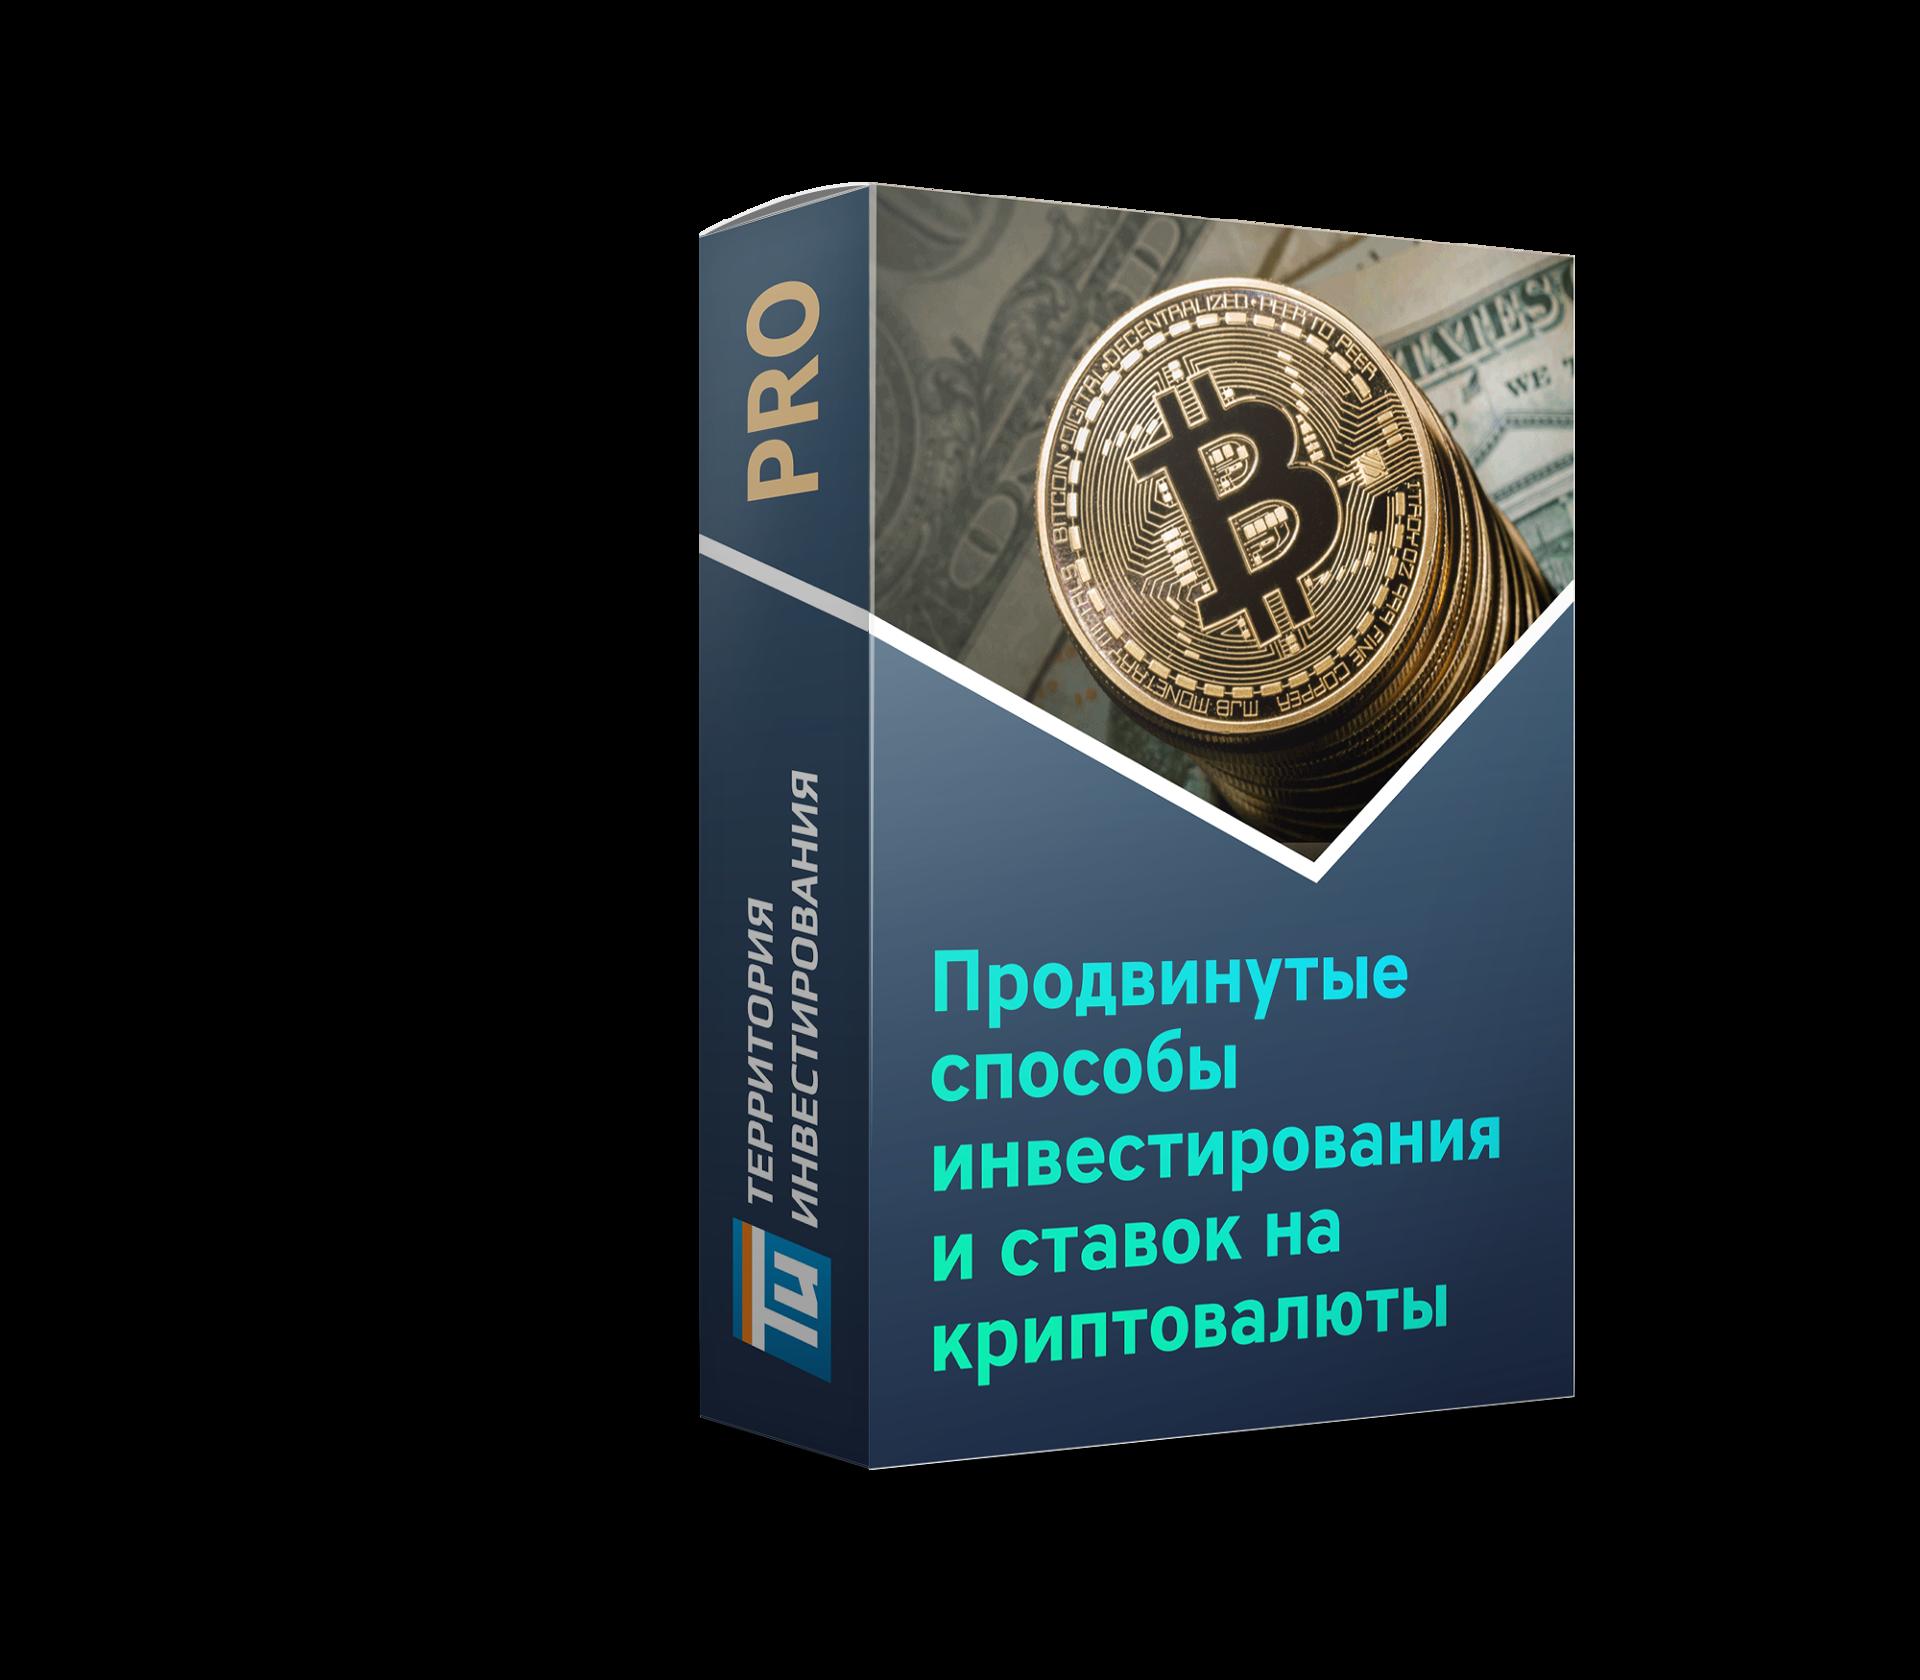 Инвестиции в криптовалюты андрей меркулов программы для ставок на бинарных опционах